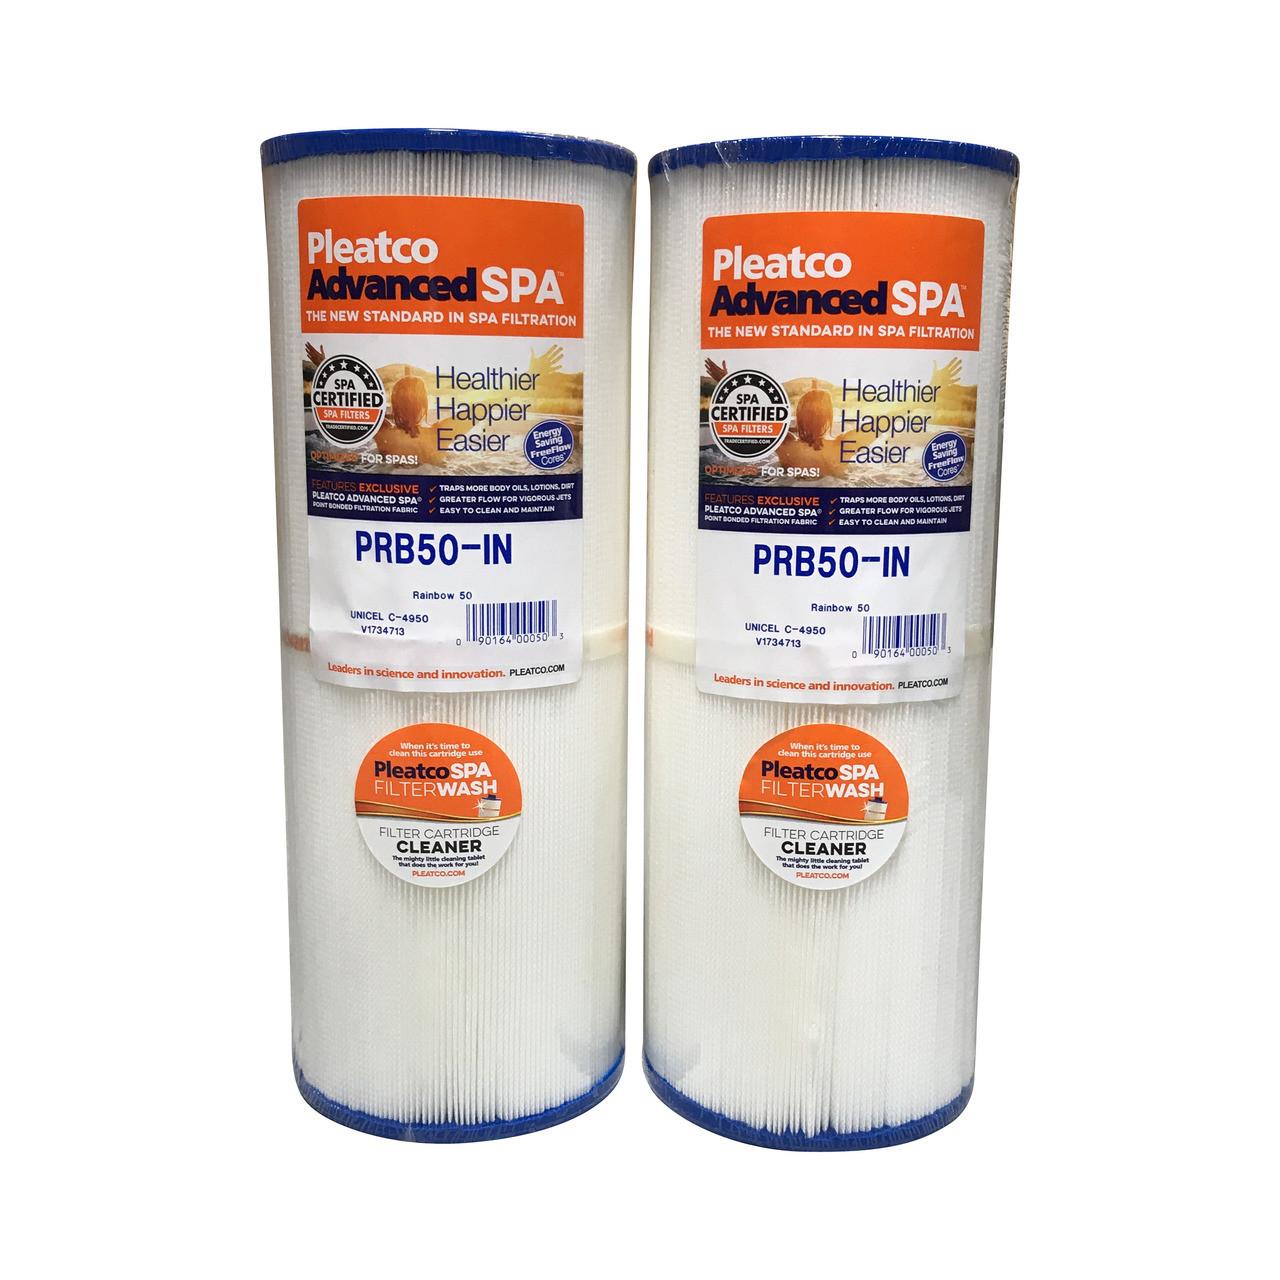 Prb50-In 2 Pack